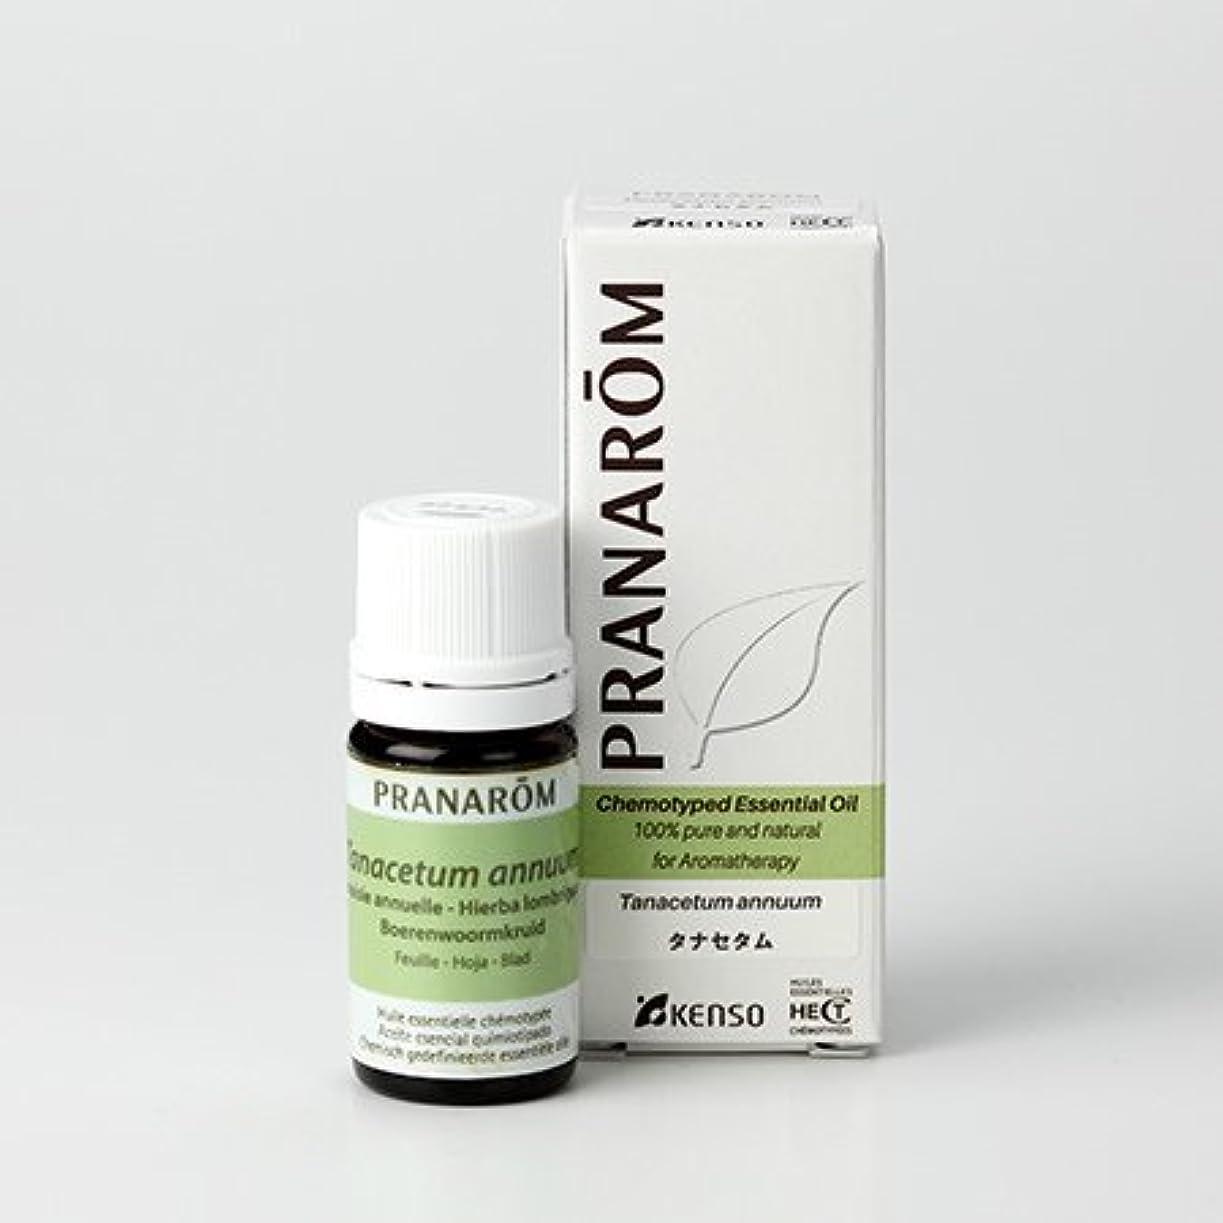 コミットメント古風な旋回【タナセタム 5ml】→甘みのある、濃厚でフルーティな香り?(リラックスハーブ系)[PRANAROM(プラナロム)精油/アロマオイル/エッセンシャルオイル]P-173